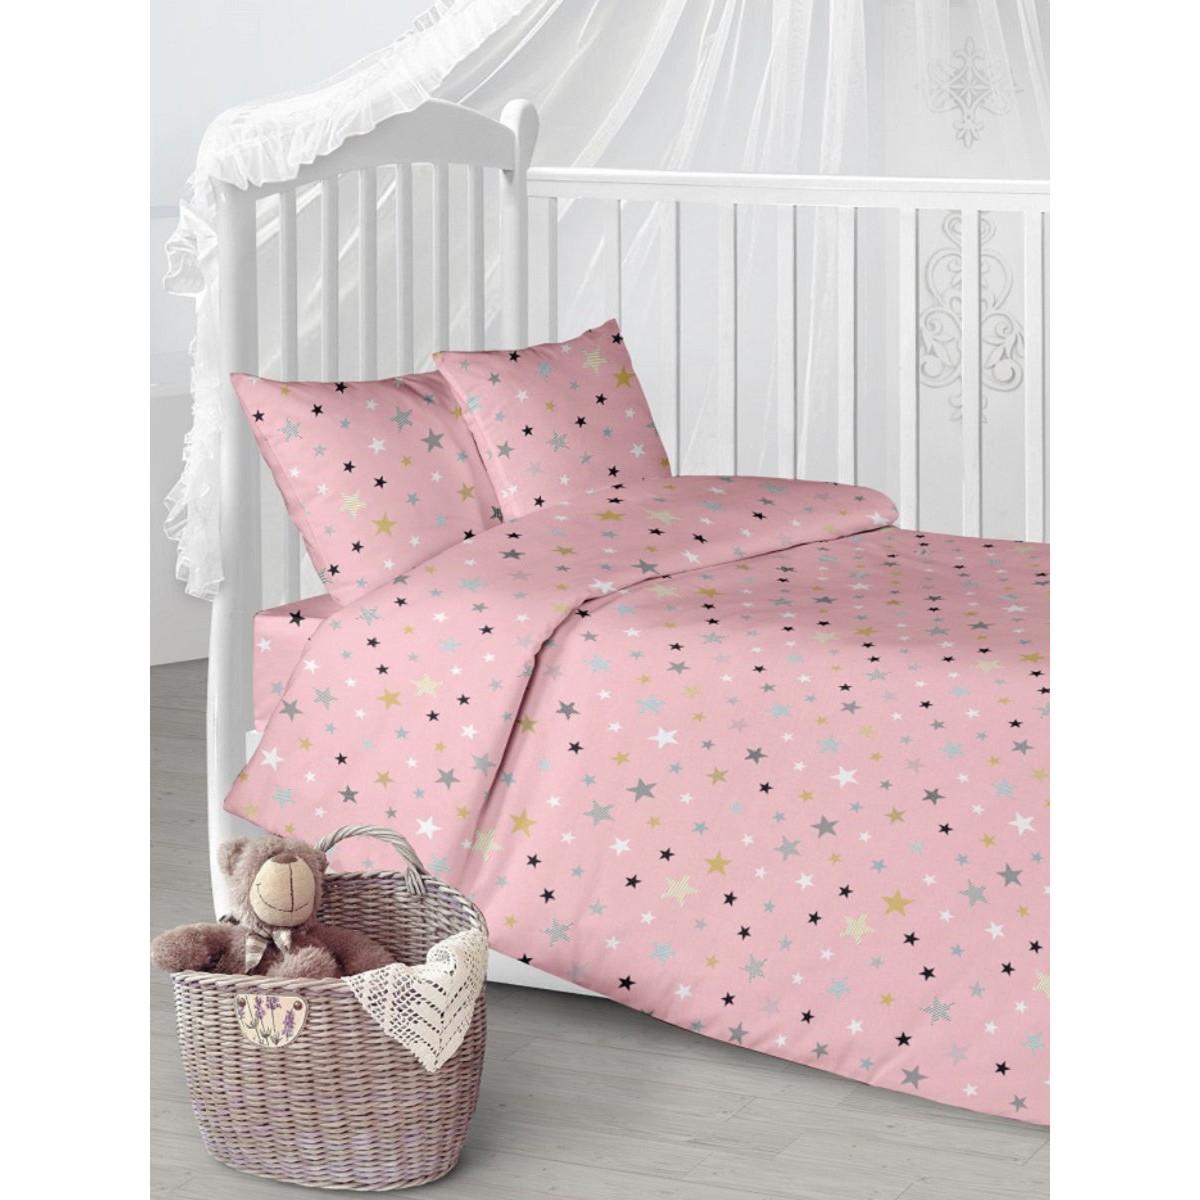 Детское постельное белье Текстильная лавка Звезды на розовом бязь